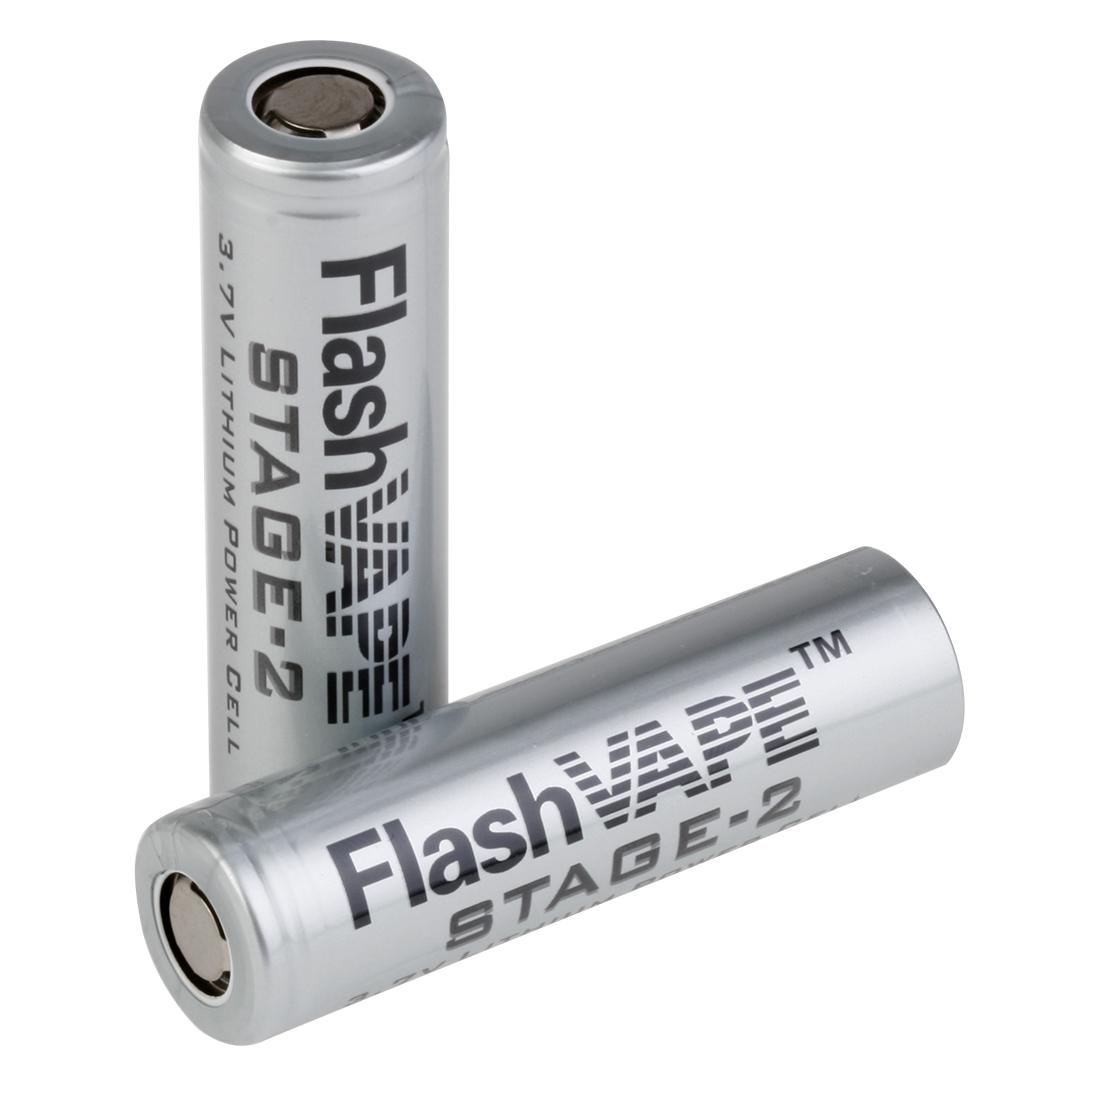 batteries Flashvape Stage-2